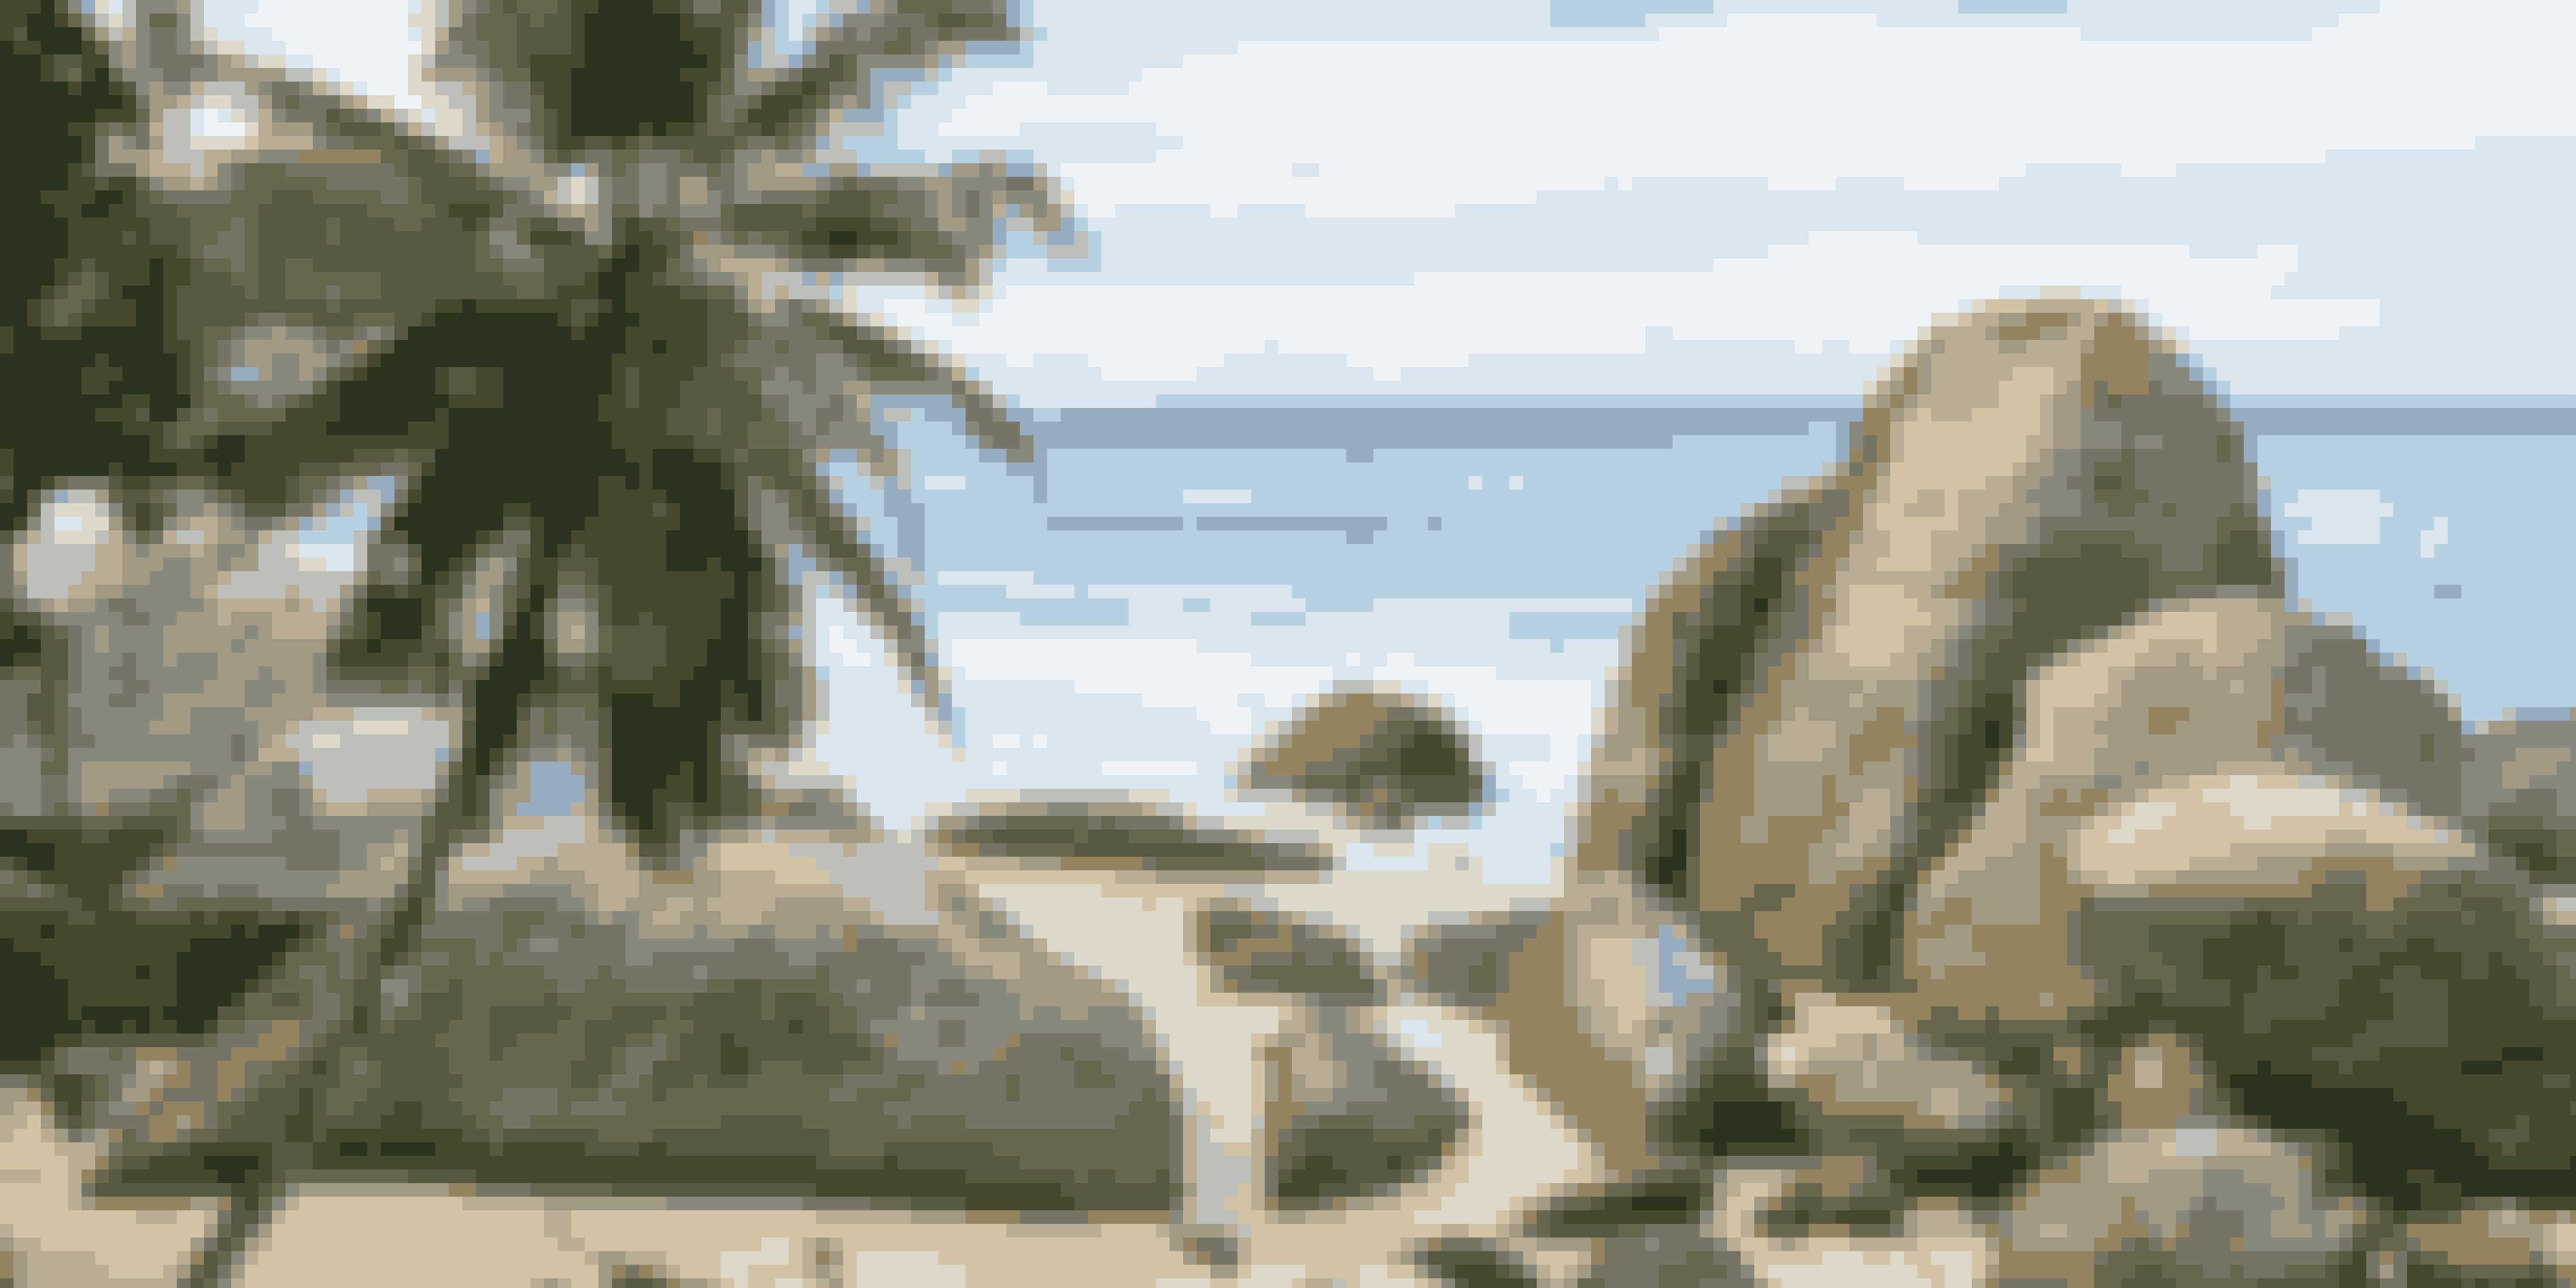 Seychellerne er et af de mest populære rejsemål for brudepar.